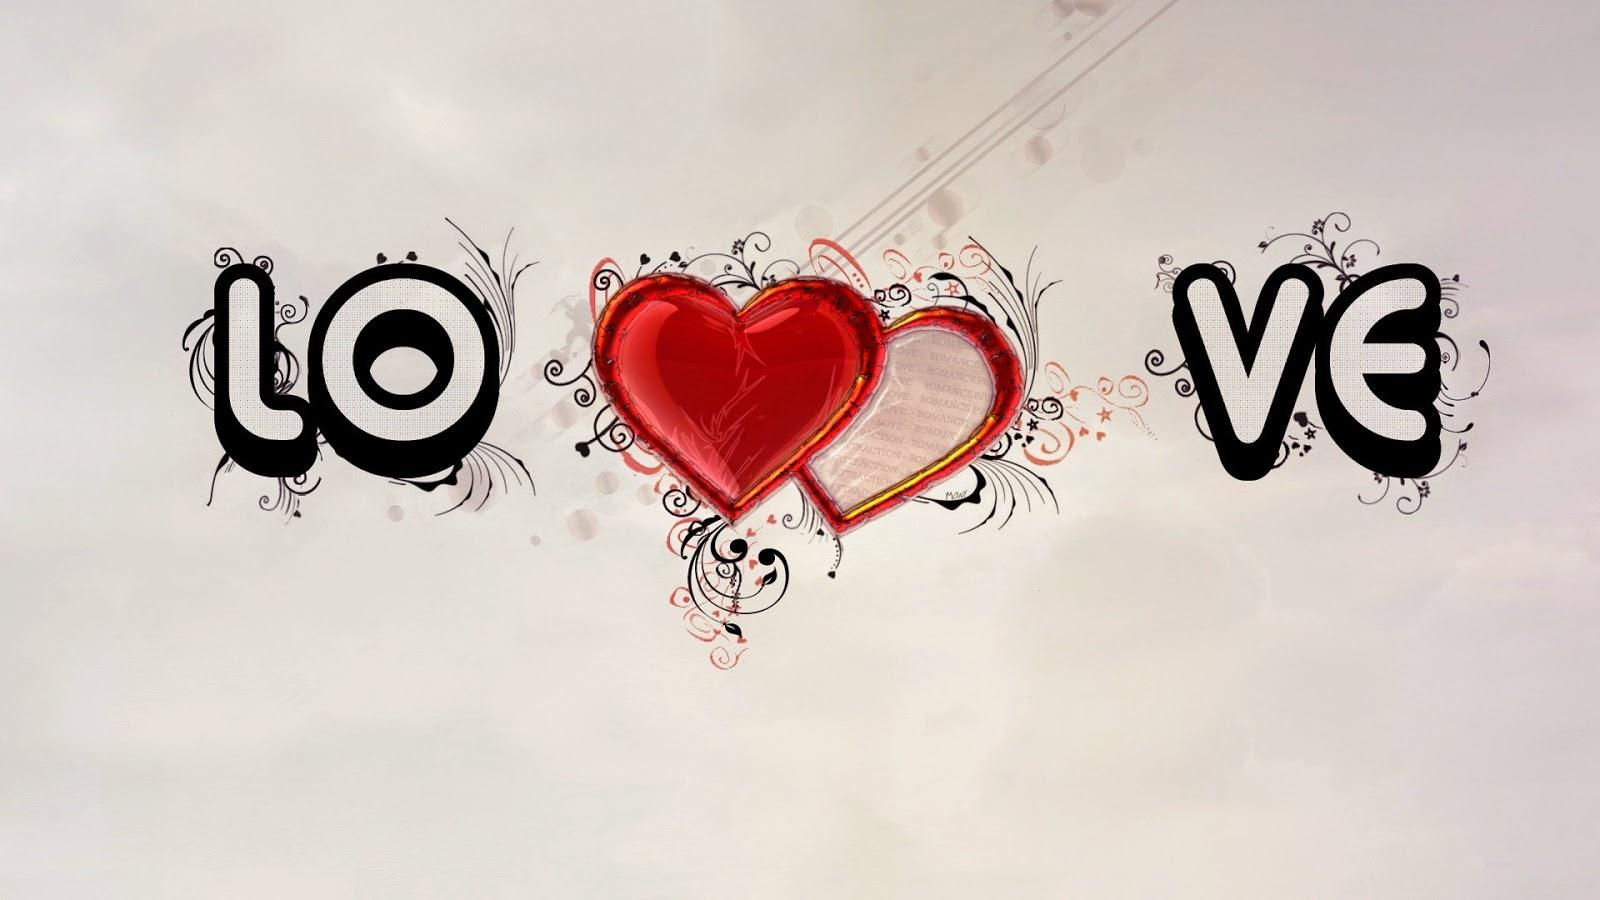 descargar imagenes de amor, imagenes de amor gratis